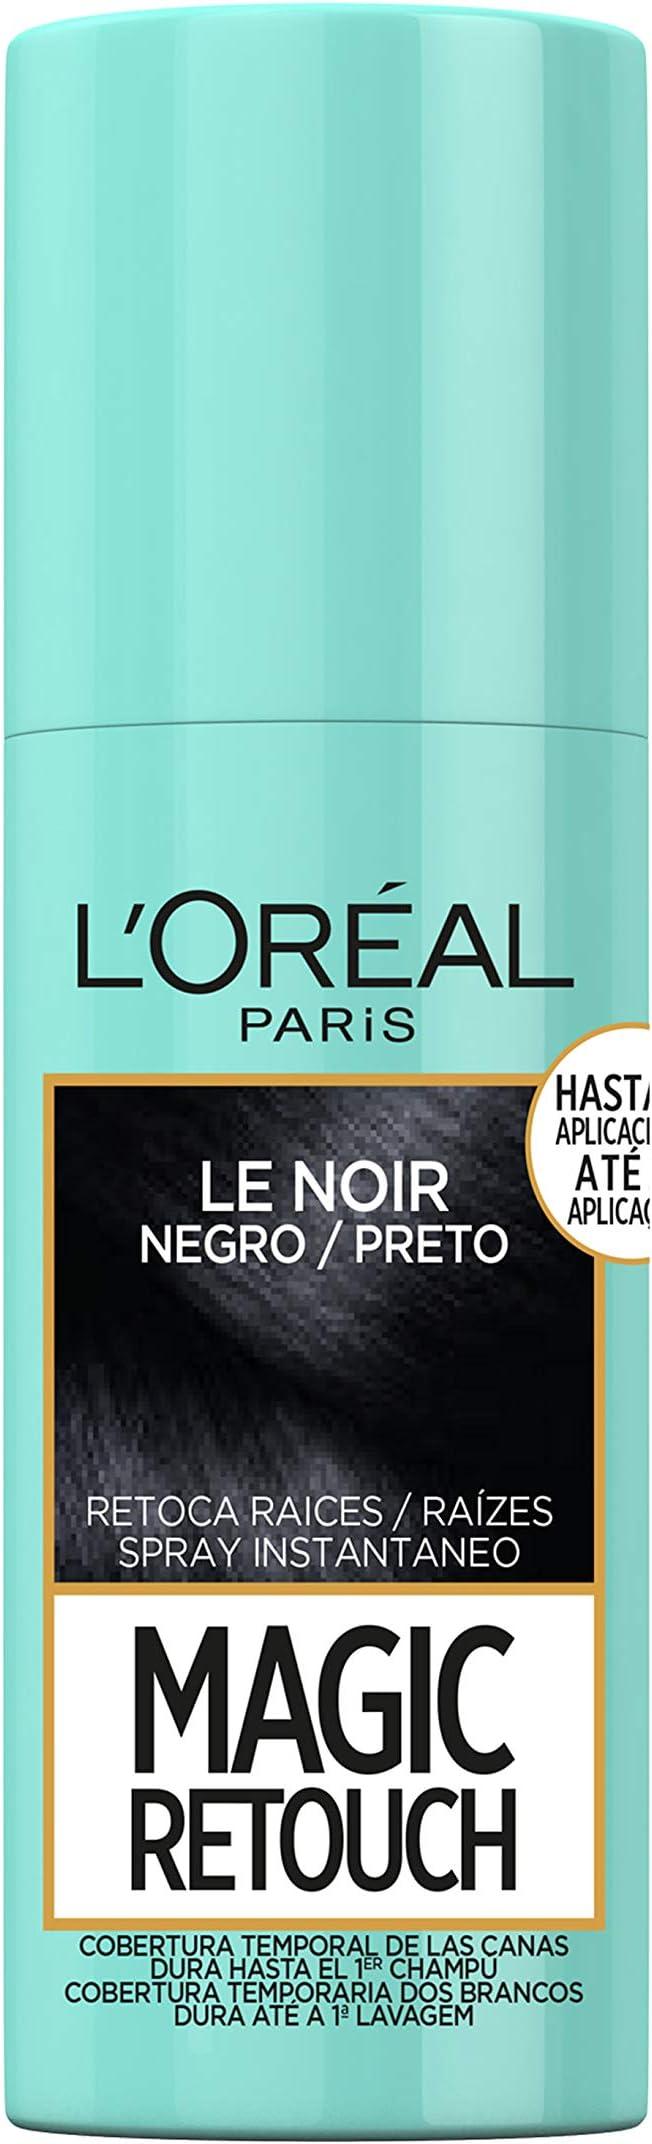 LOréal Paris Magic Retouch Spray Retoca Raices y Canas para Pelo Negro - 75 ml